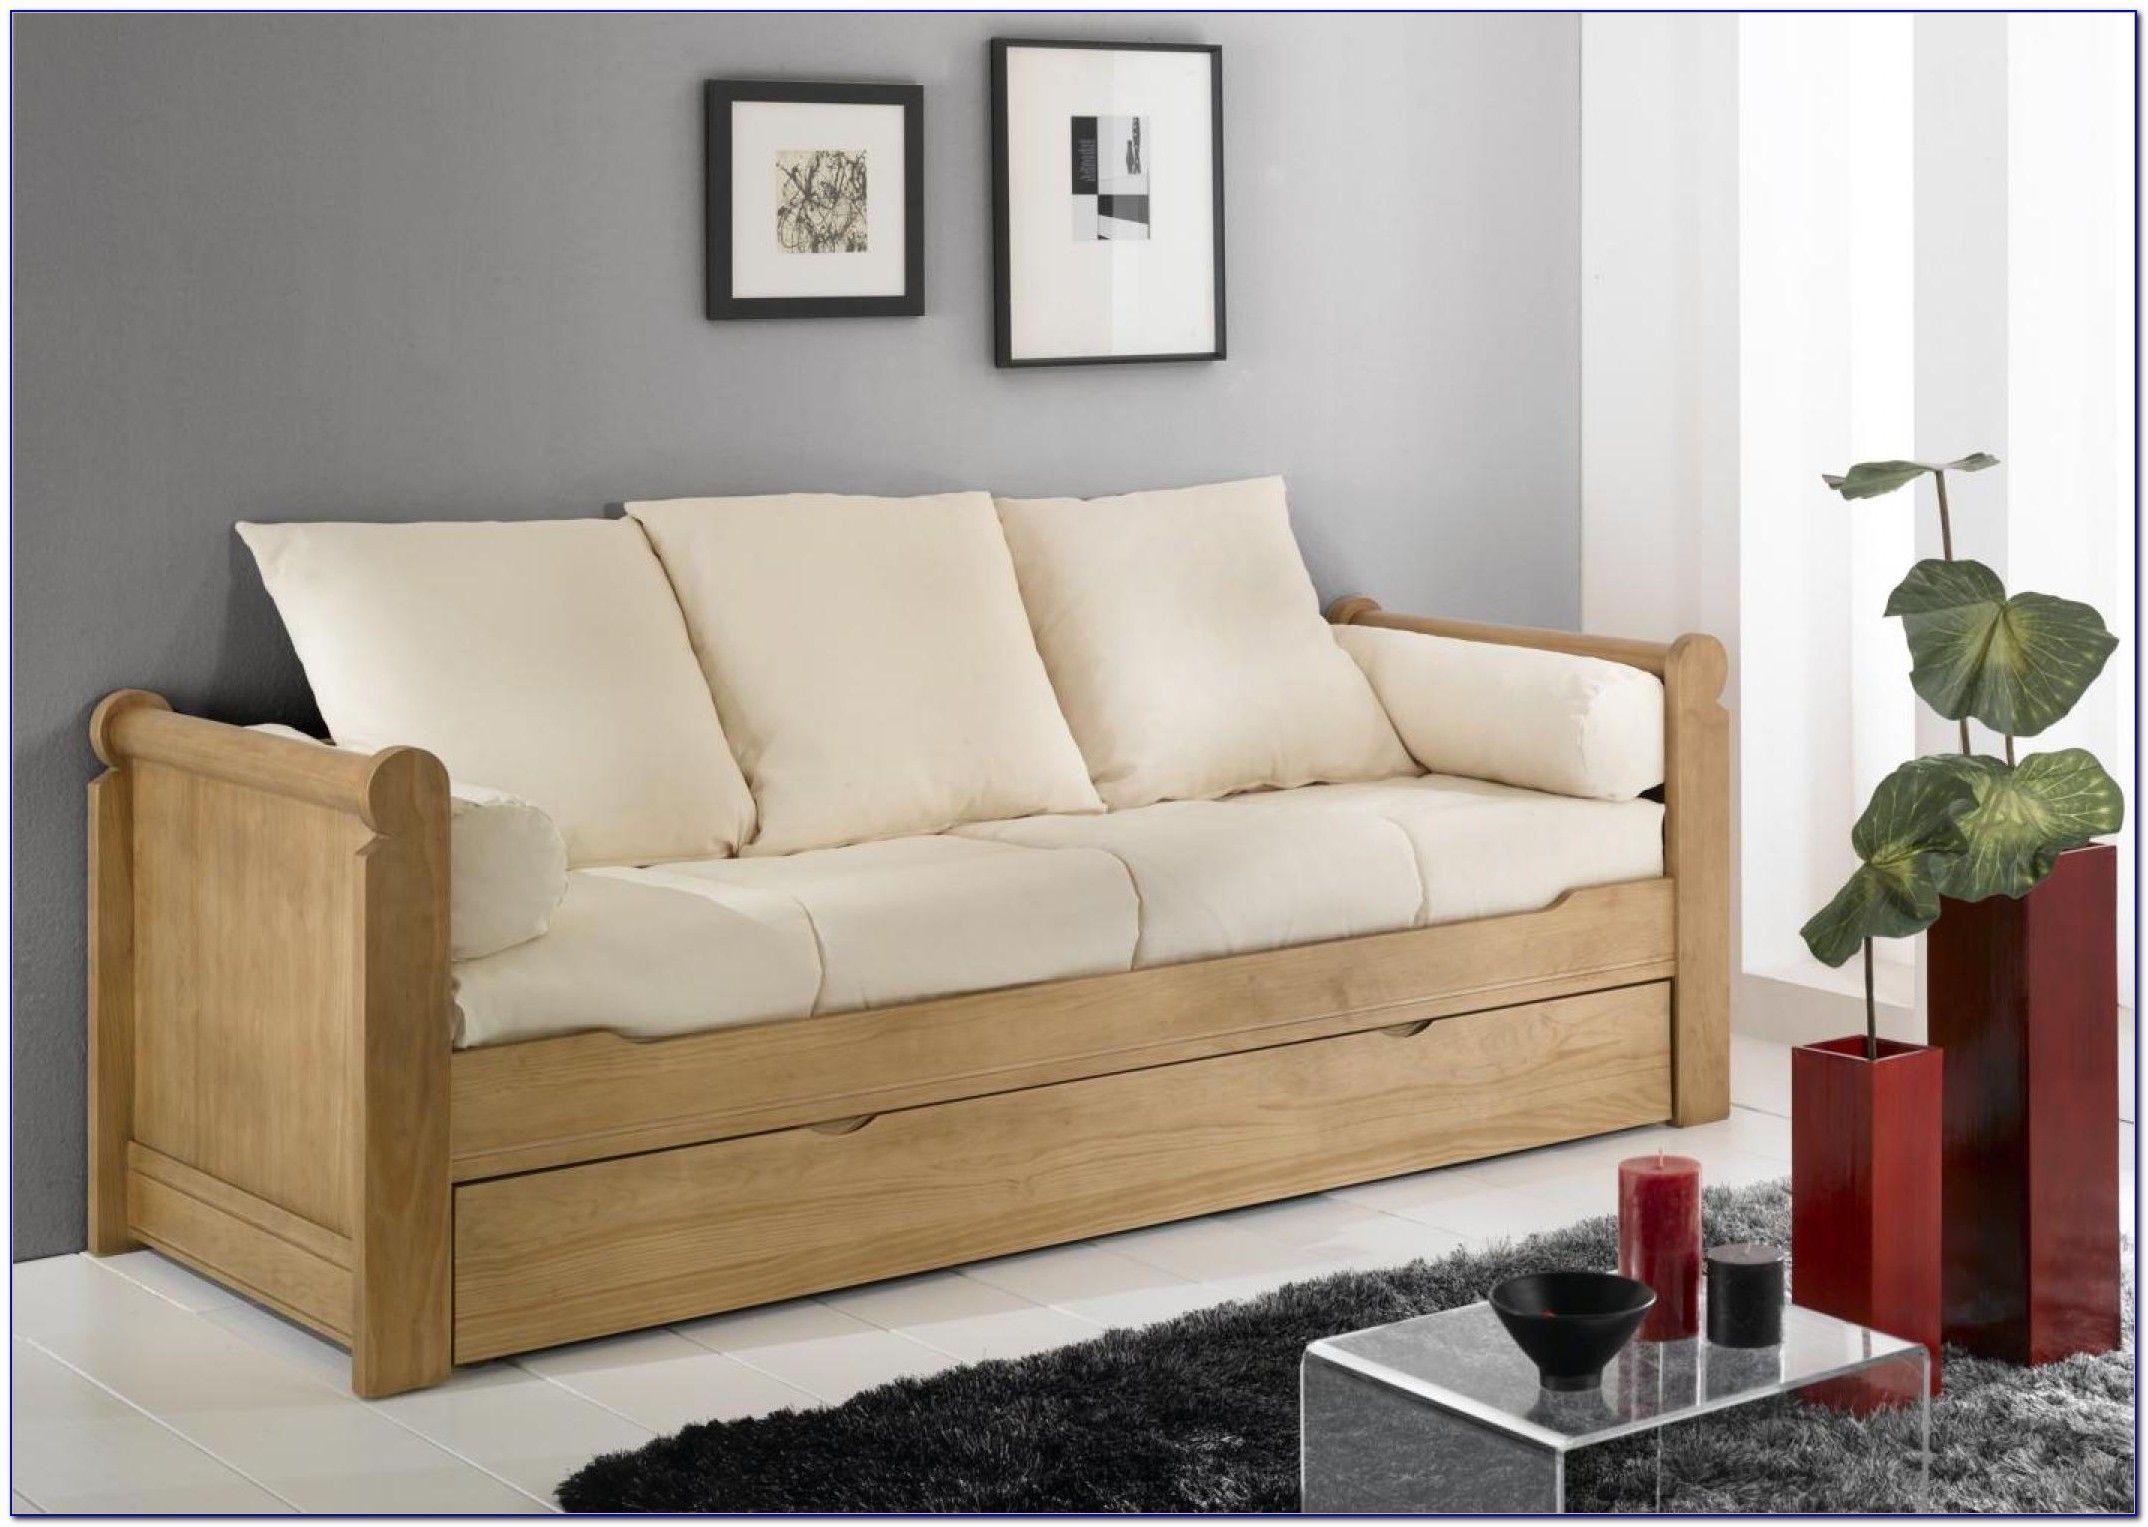 41 Le Luxe Canapé Lit Escamotable Les Images